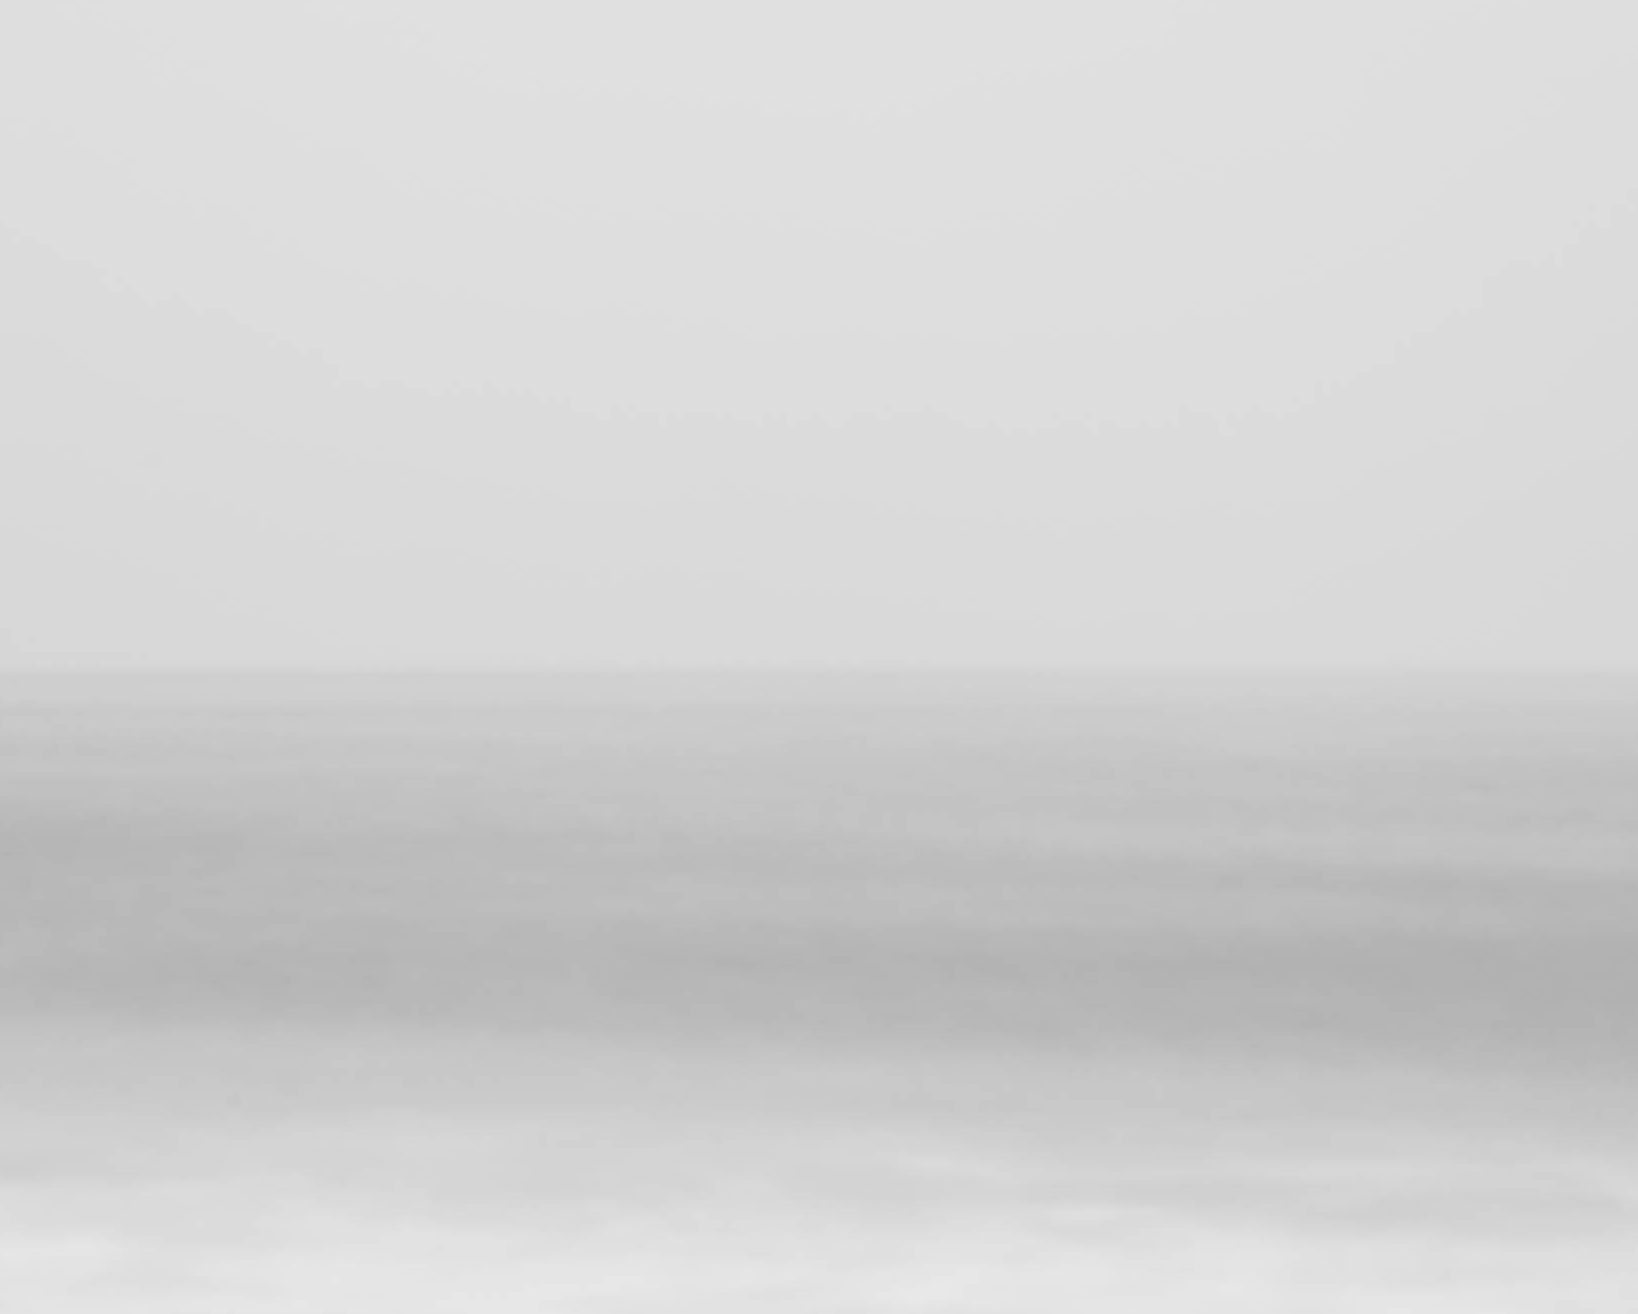 Seascapes Vol. 8